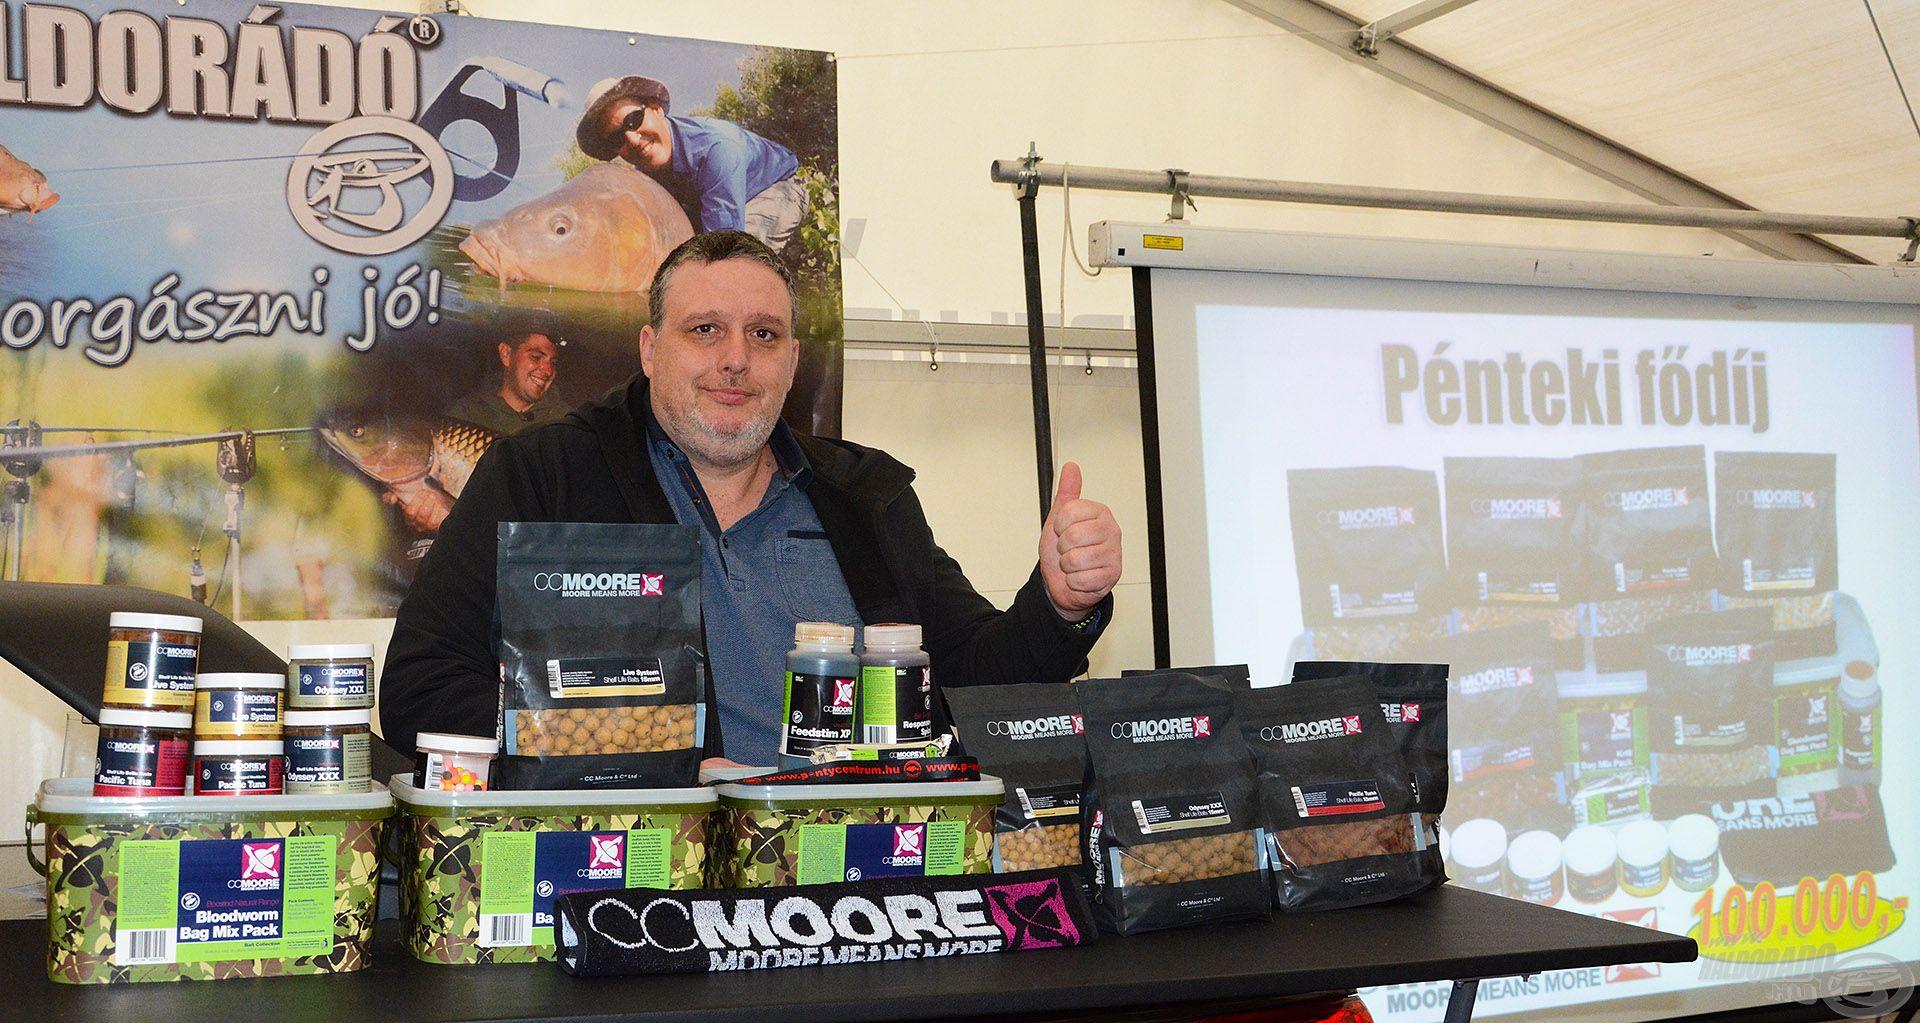 András nyereménye egy 100.000 forint értékű CCMore ajándékcsomag